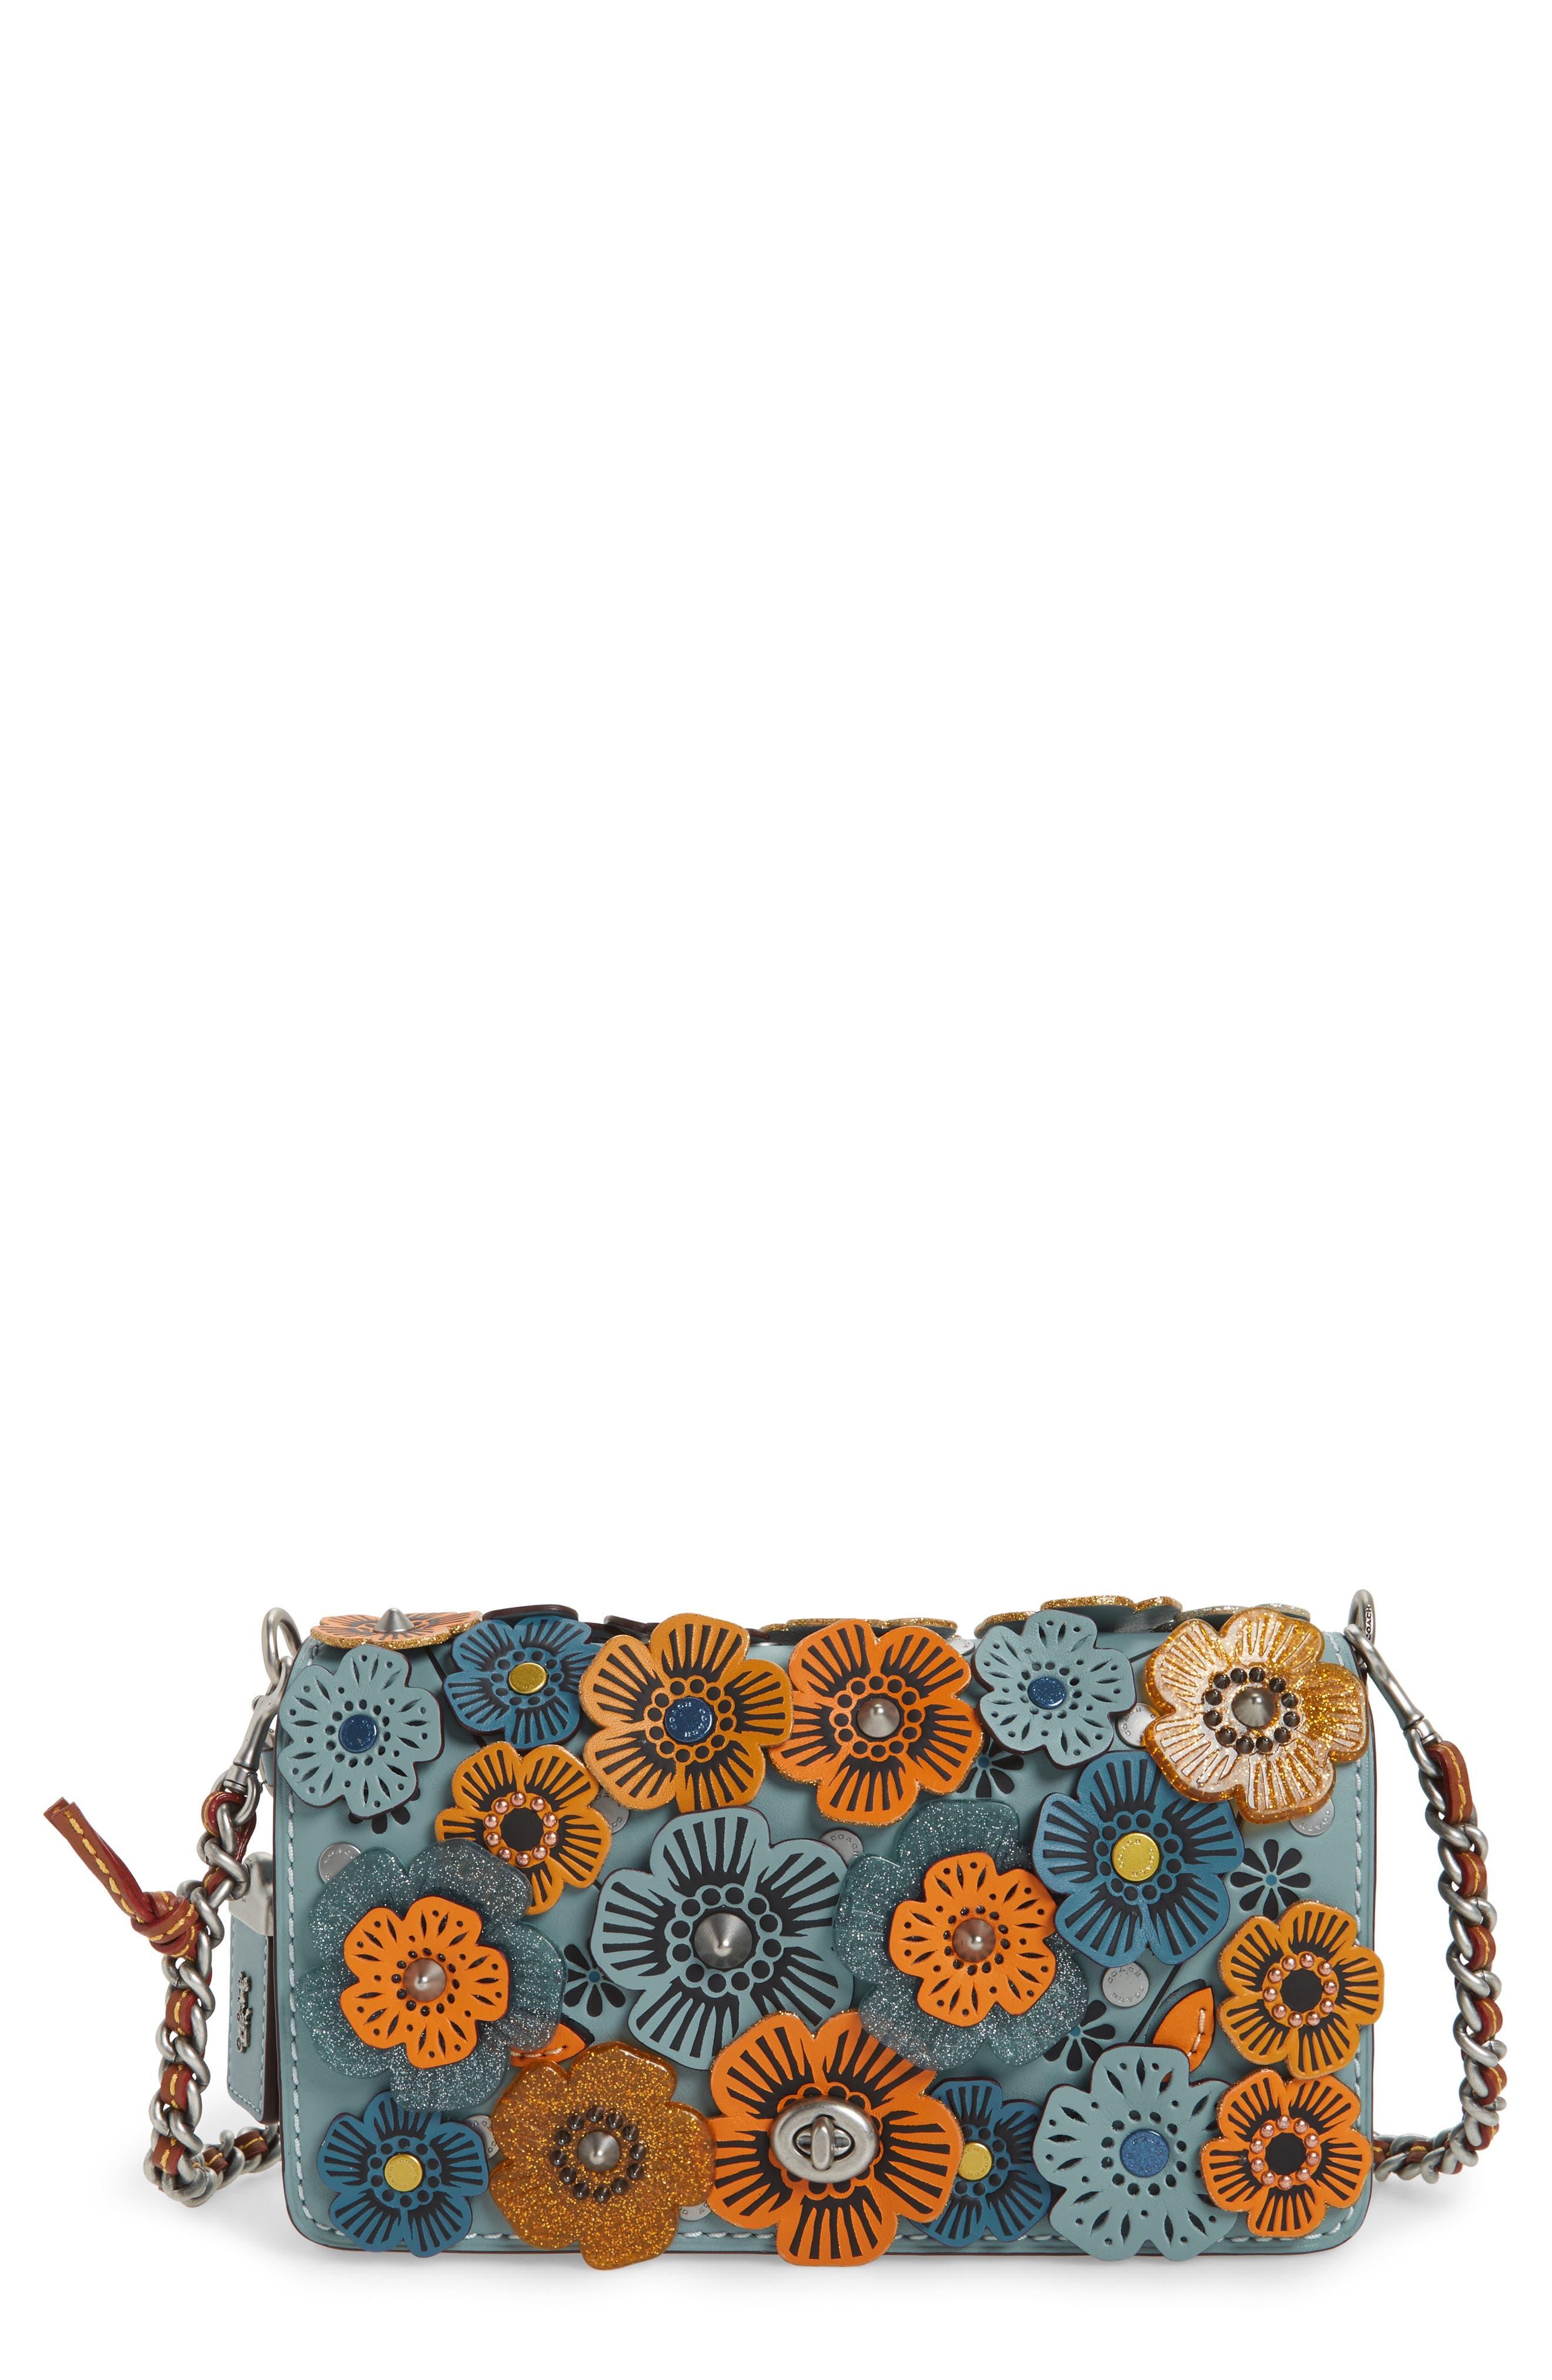 Dinky Tea Rose Appliqué Leather Crossbody Bag,                         Main,                         color, Steel Blue